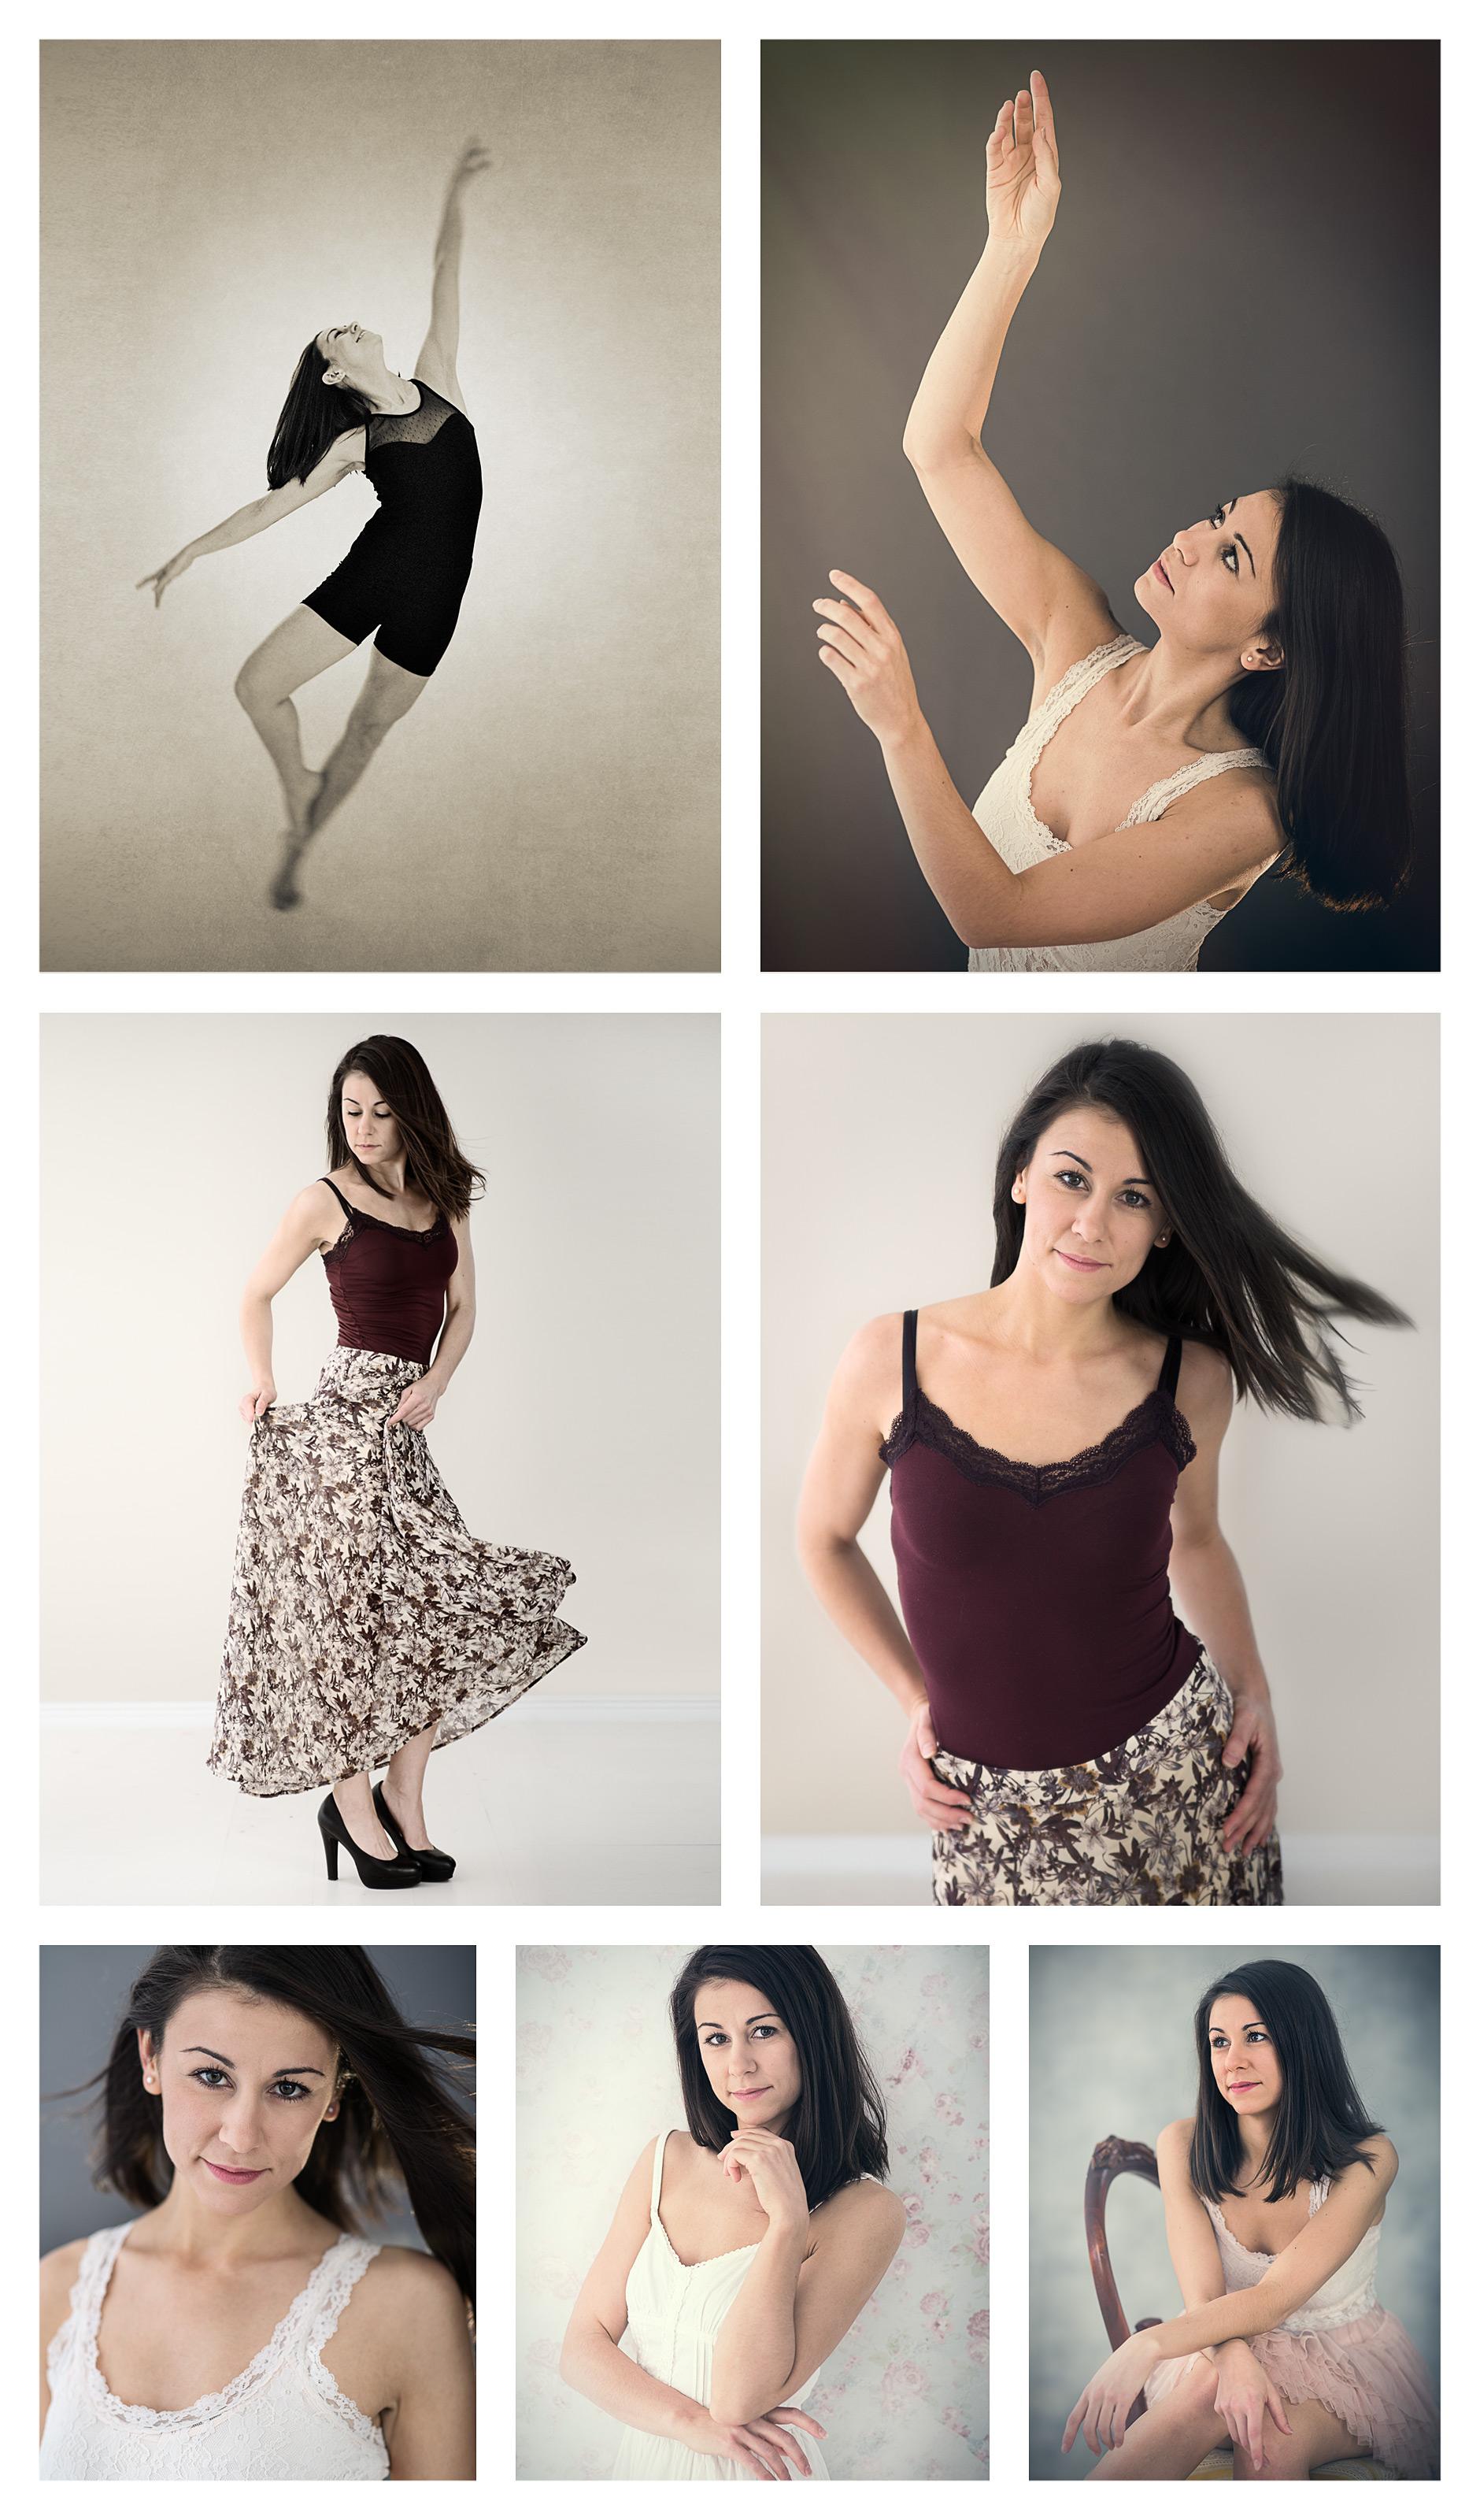 7 bilder på kvinna som dansar